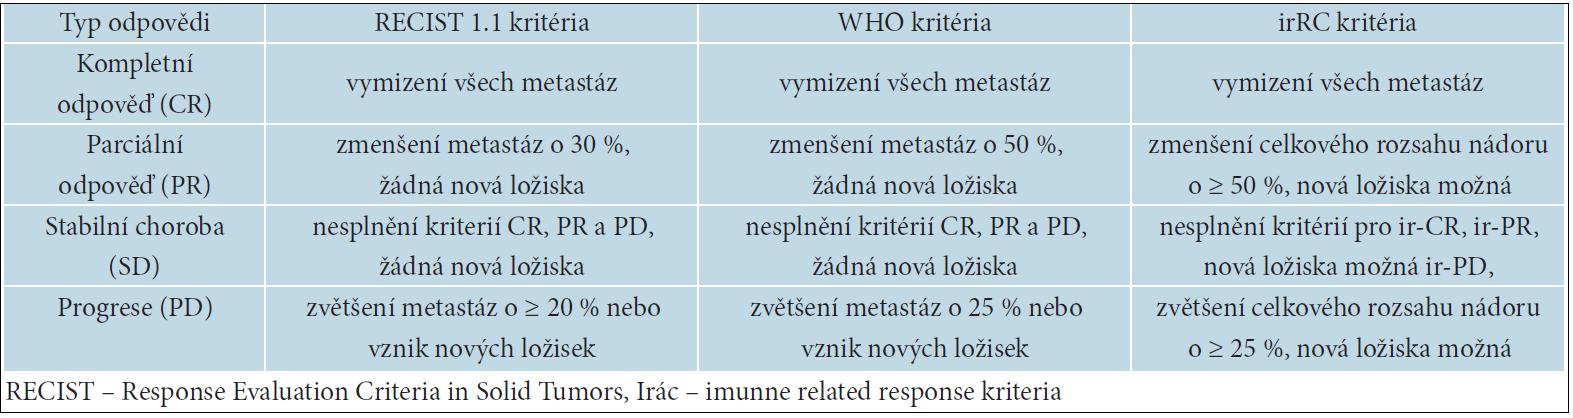 Rozdíly mezi ReCist, who a irRC kritérii hodnocení léčebné odpovědi